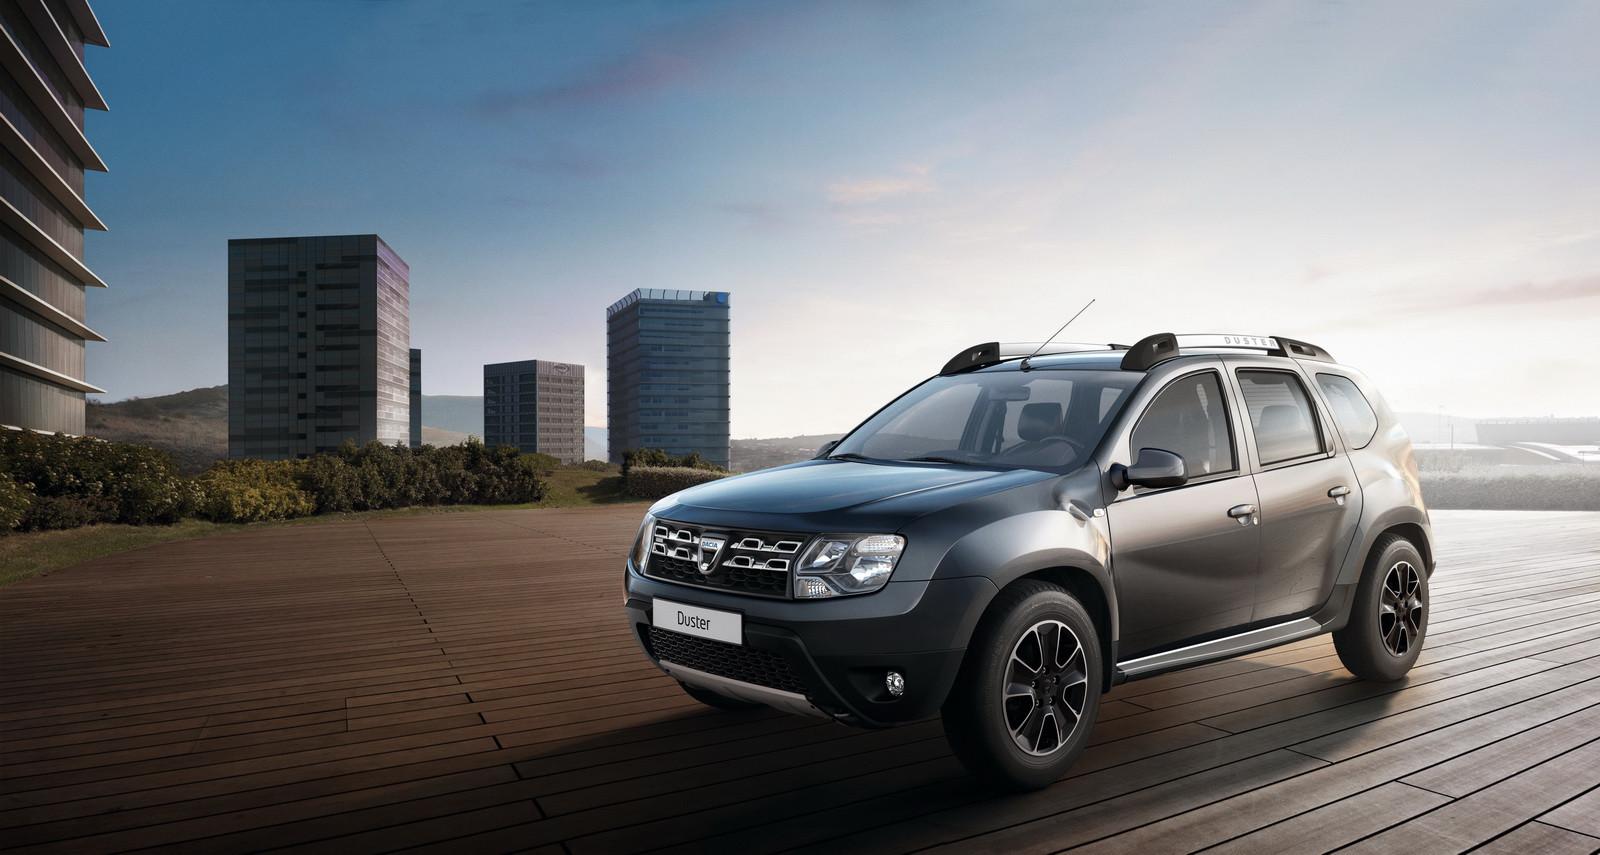 СМИ узнали, когда покажут новый Renault Duster